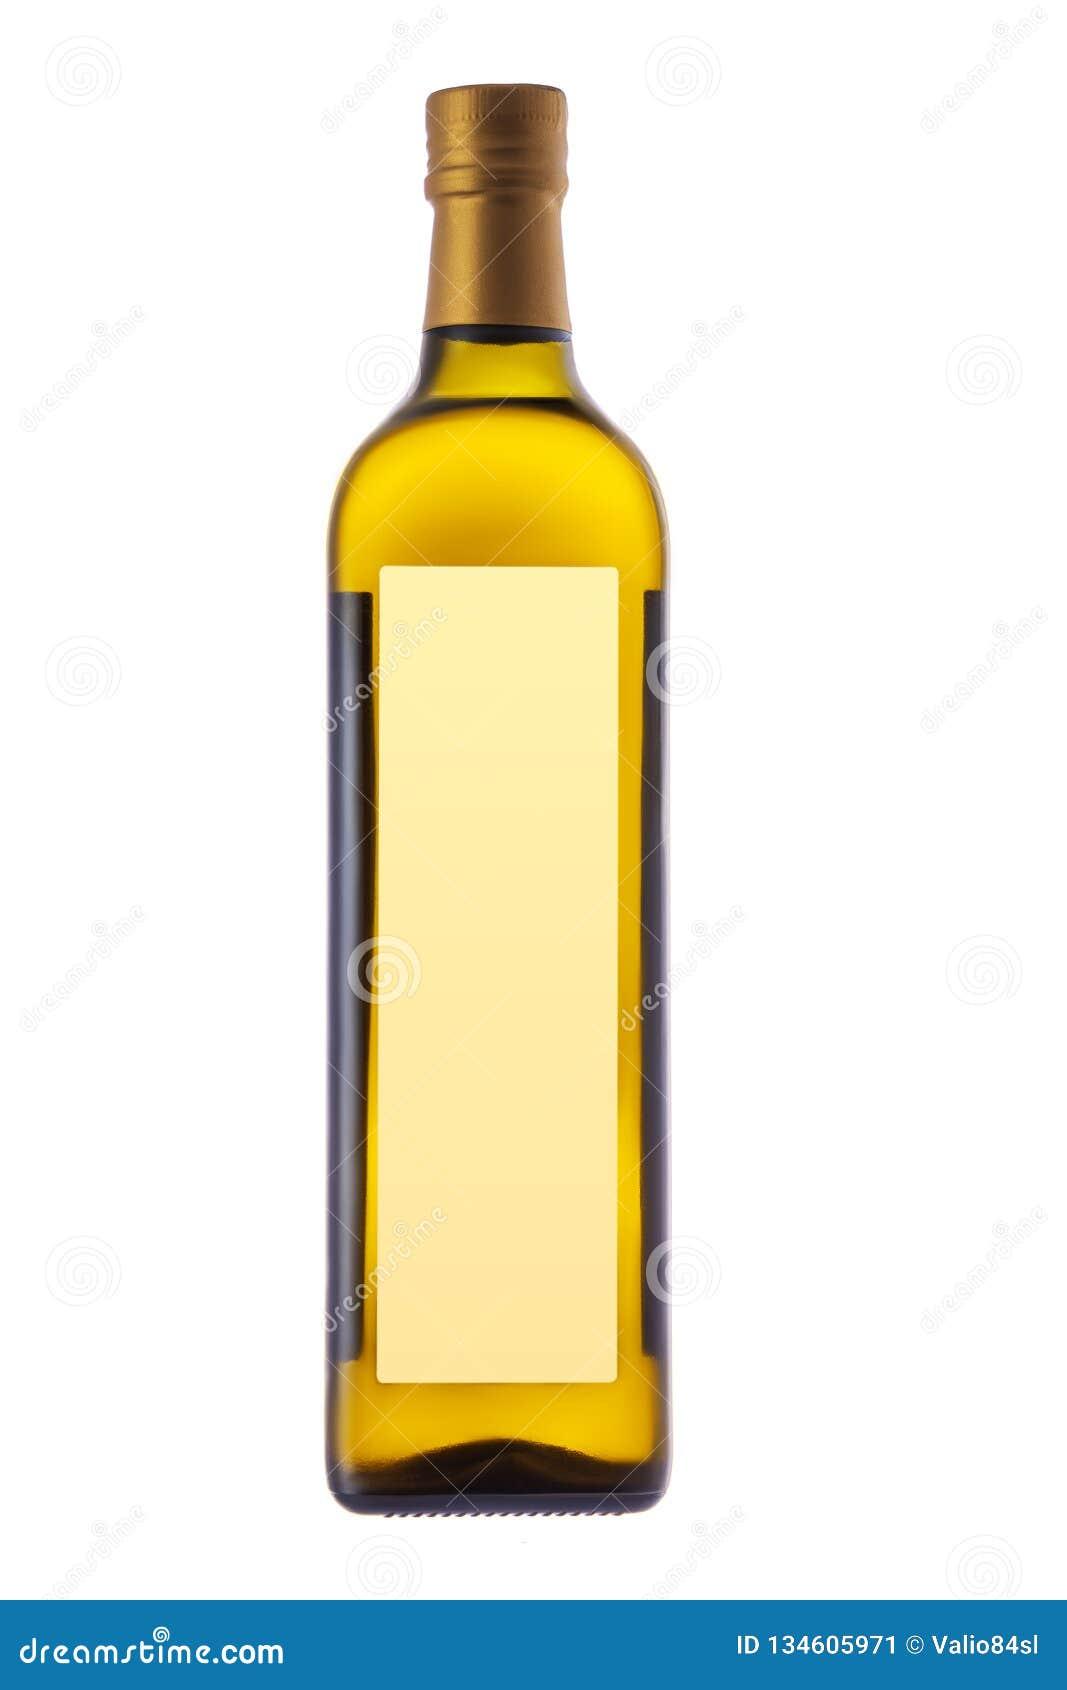 Πρόσθετο παρθένο μπουκάλι ελαιολάδου για τη σαλάτα και μαγείρεμα που απομονώνεται στο άσπρο υπόβαθρο